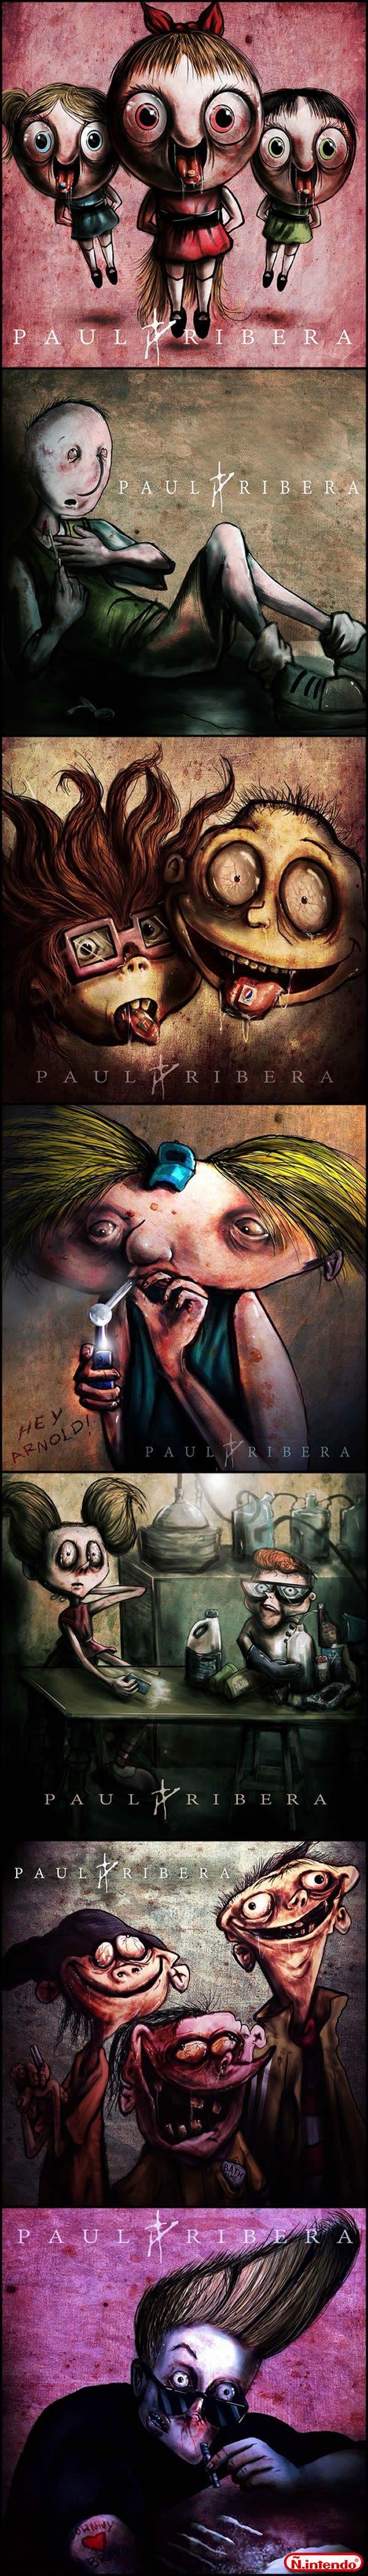 Imagens De Cartoons Usando Drogas